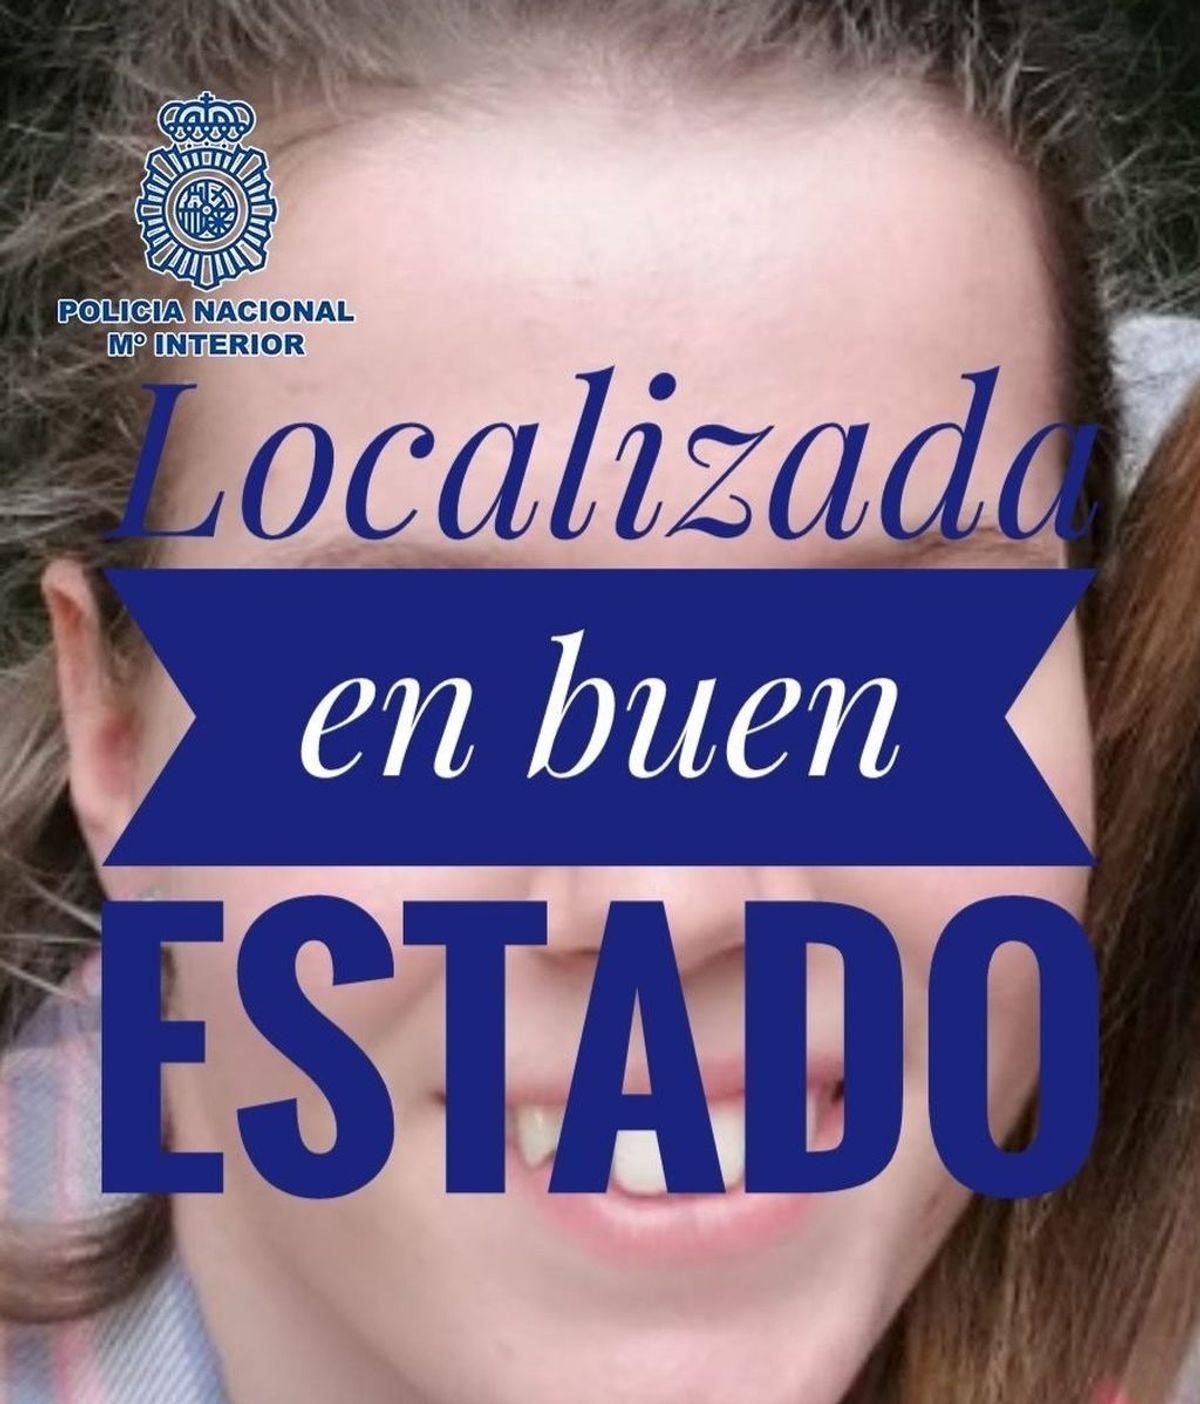 Localizada en buen estado Alenka Yumara, la menor que desapareció en Madrid